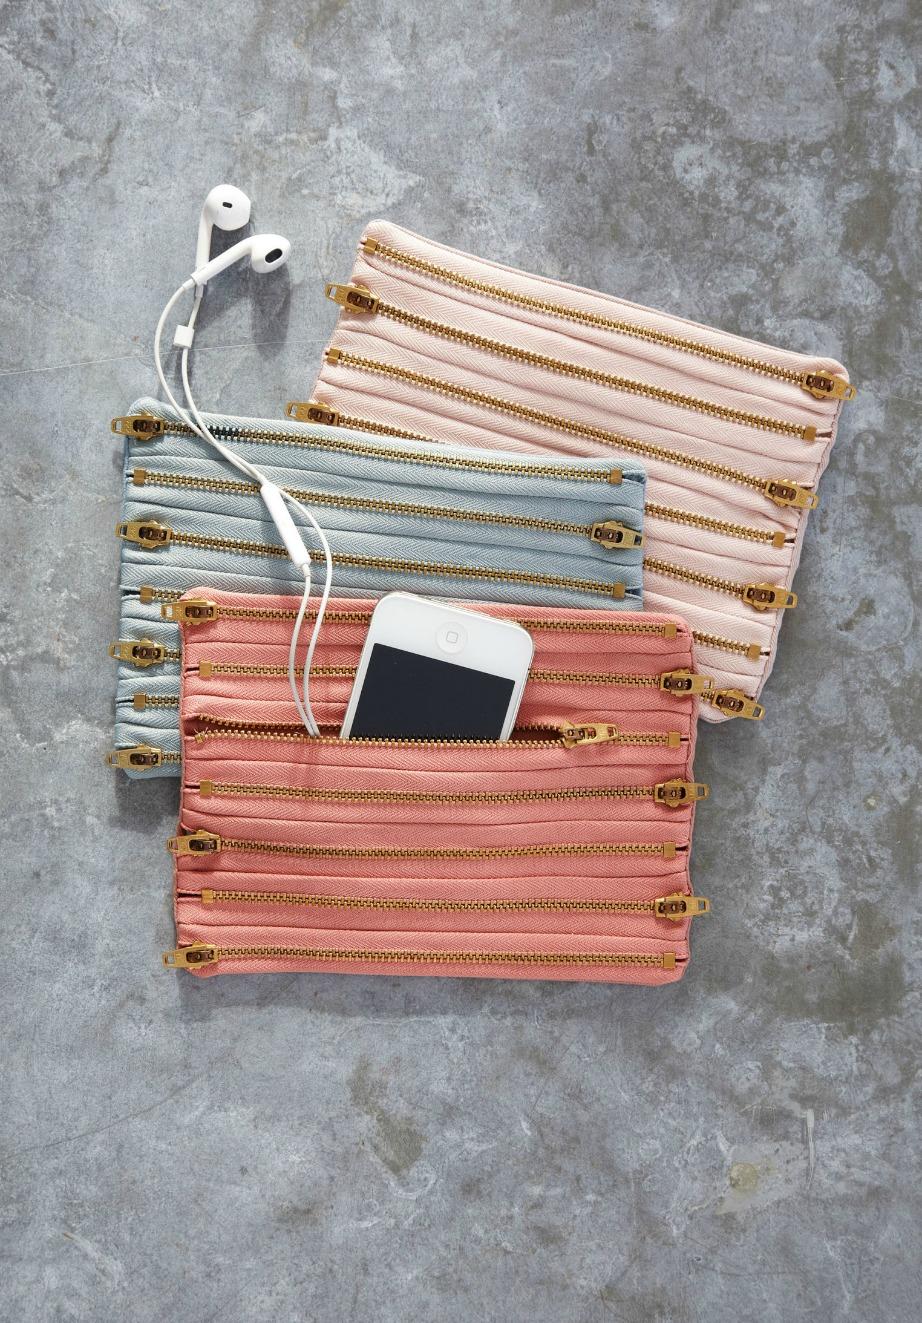 Χρησιμοποιώντας απλά φερμυάρ και ένα κομμάτι ύφασμα μπορείτε να φτιάξετε αυτό το υπέροχο τσαντάκι κινητού.